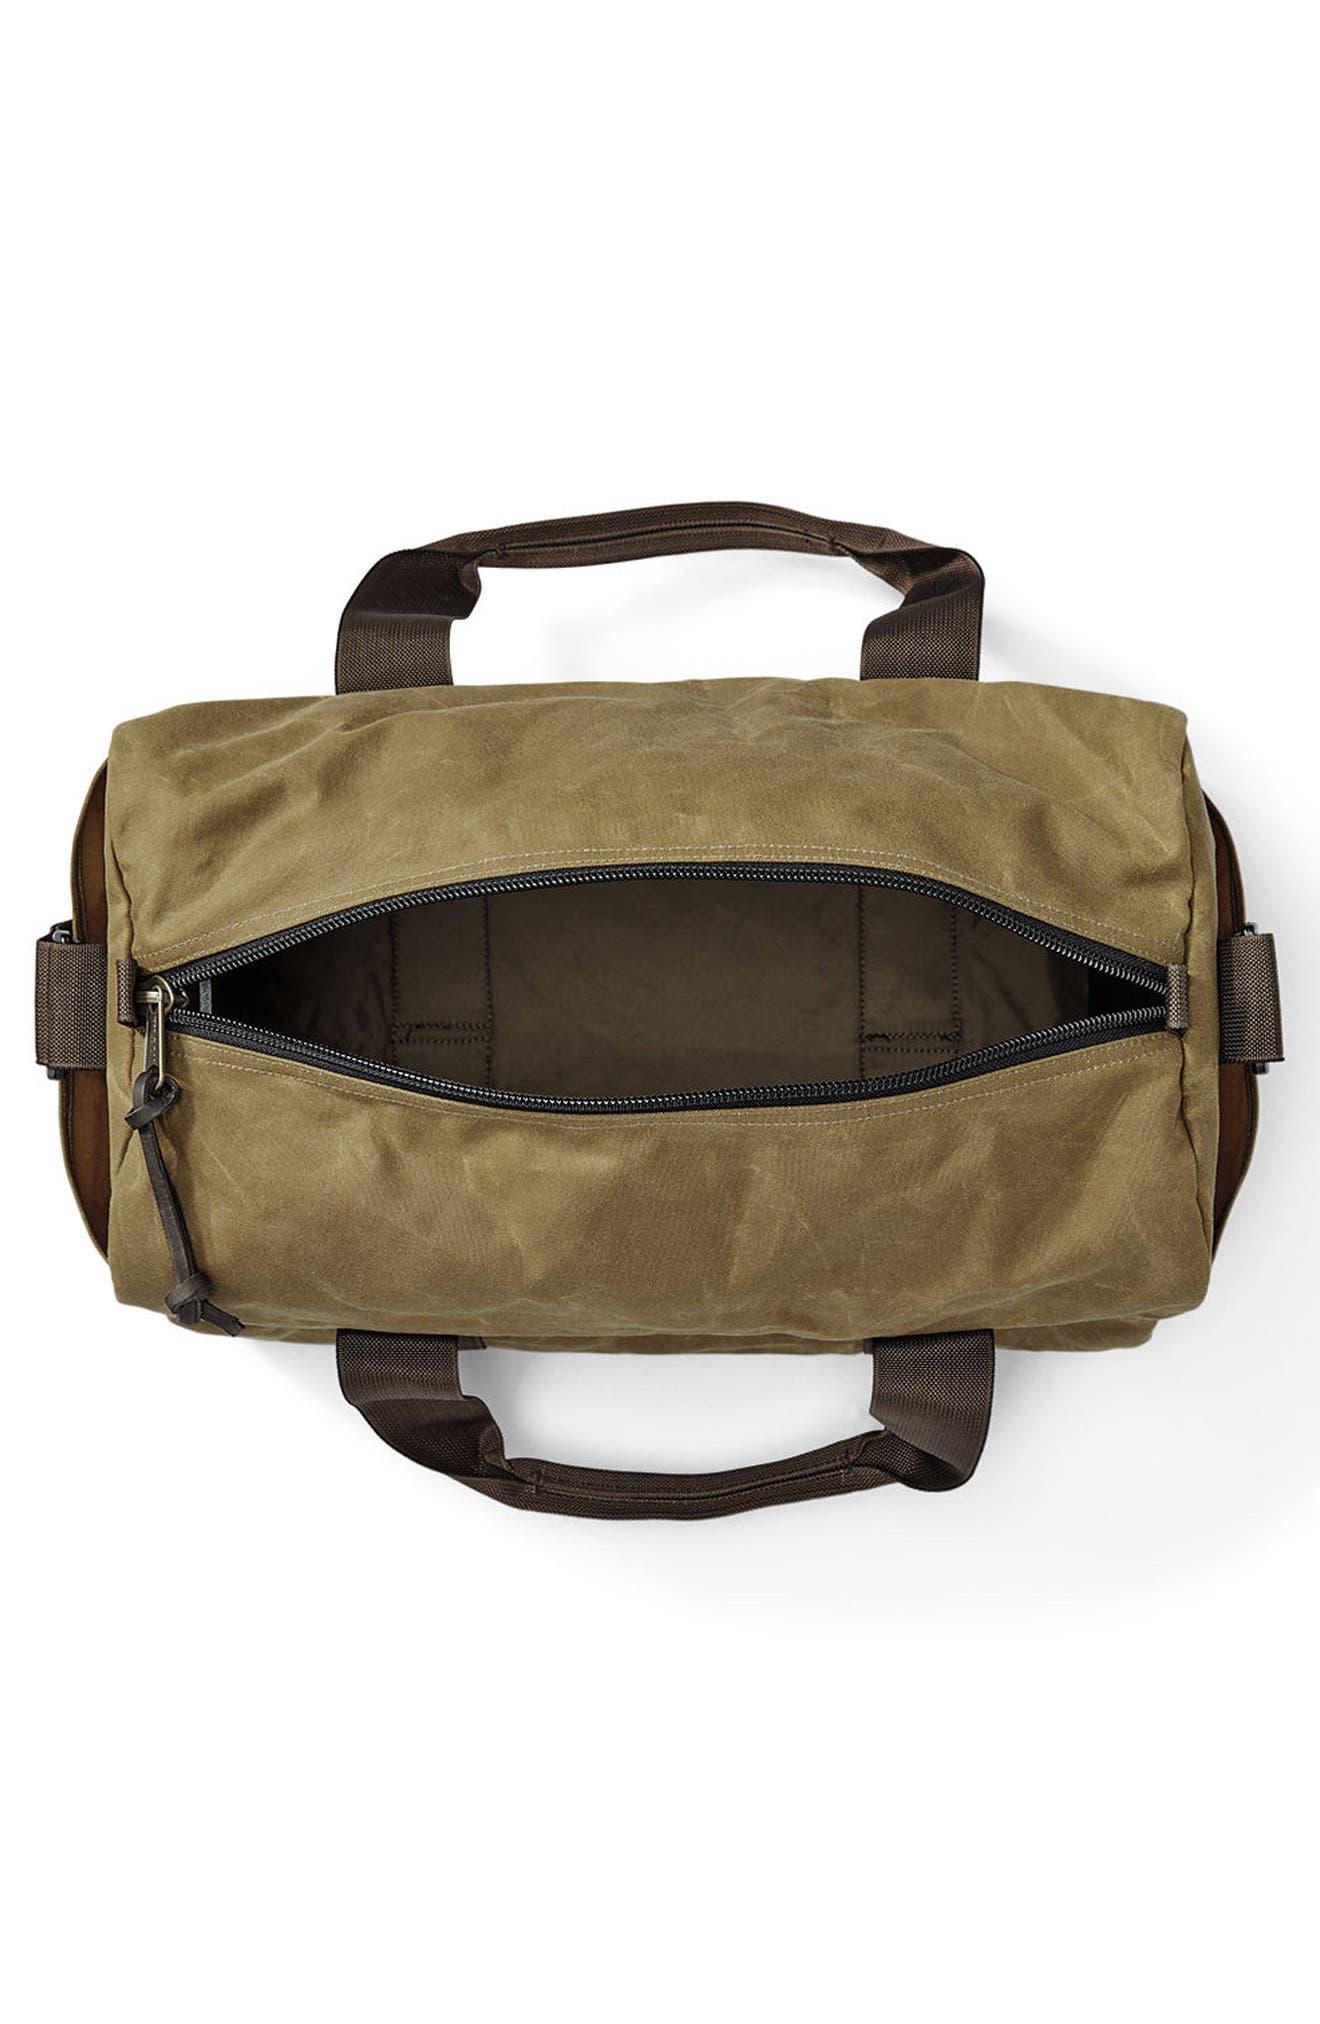 Small Field Duffel Bag,                             Alternate thumbnail 2, color,                             DARK TAN/ BROWN